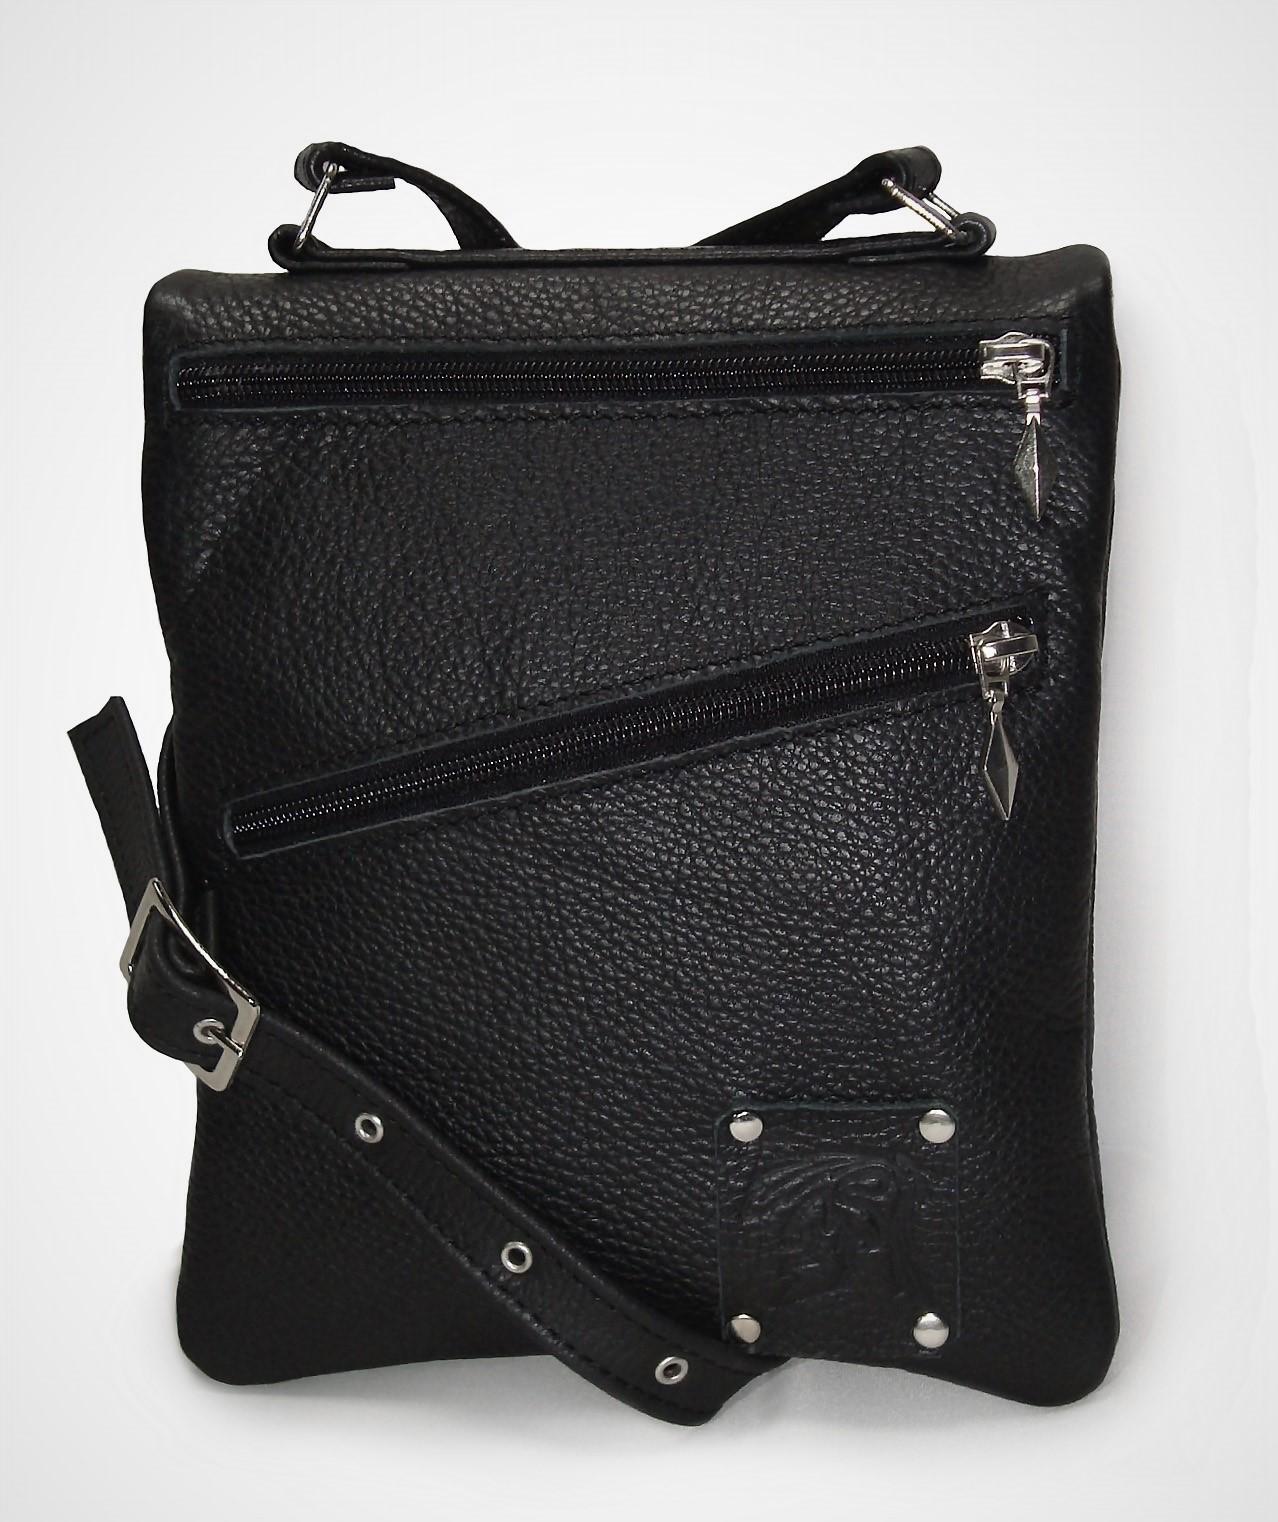 Муж. сумка Модель № 8Сумки и др. изделия из кожи<br>Высота сумки:24 см<br>Ширина сумки:20 см<br>Длинна ремня:120 см<br><br>Тип: Муж. сумка<br>Размер: -<br>Материал: Натуральная кожа